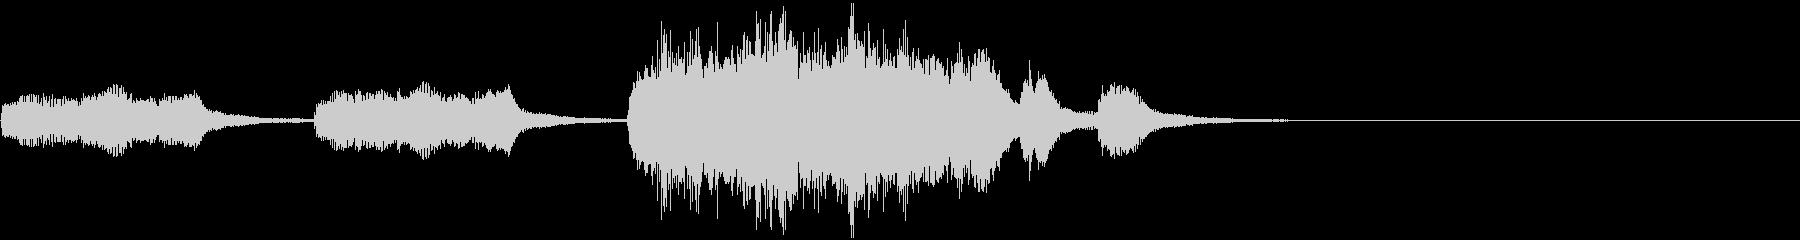 オーケストラによるコミカルホラージングルの未再生の波形